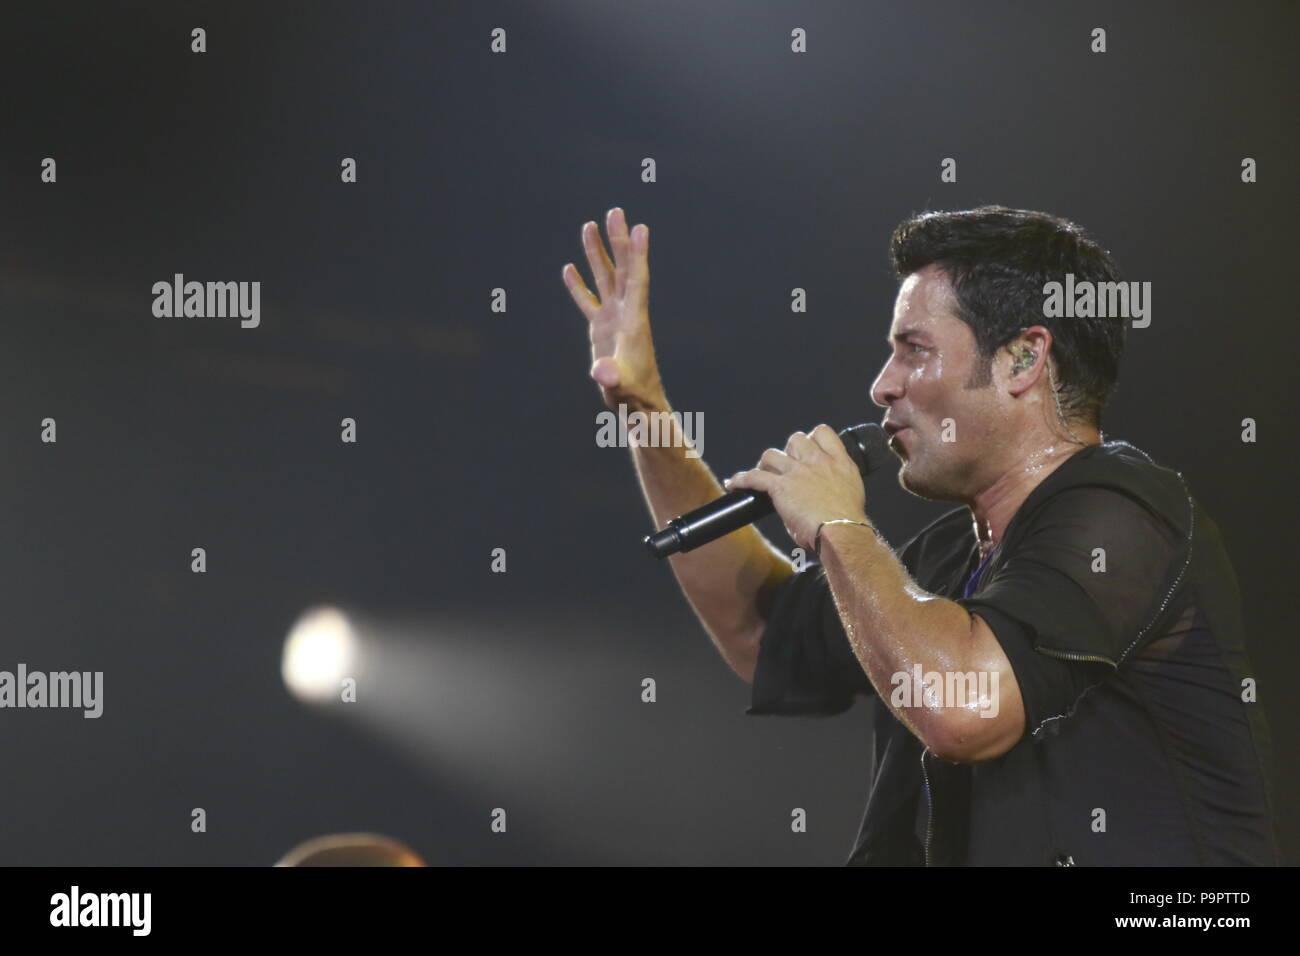 La danzatrice, cantante e il Puerto Rican attore Chayanne, durante la notte del suo concerto in corrispondenza dell'asse al Planet Hollywood di Las Vegas Nevada su 13 Set 2015 Foto Stock